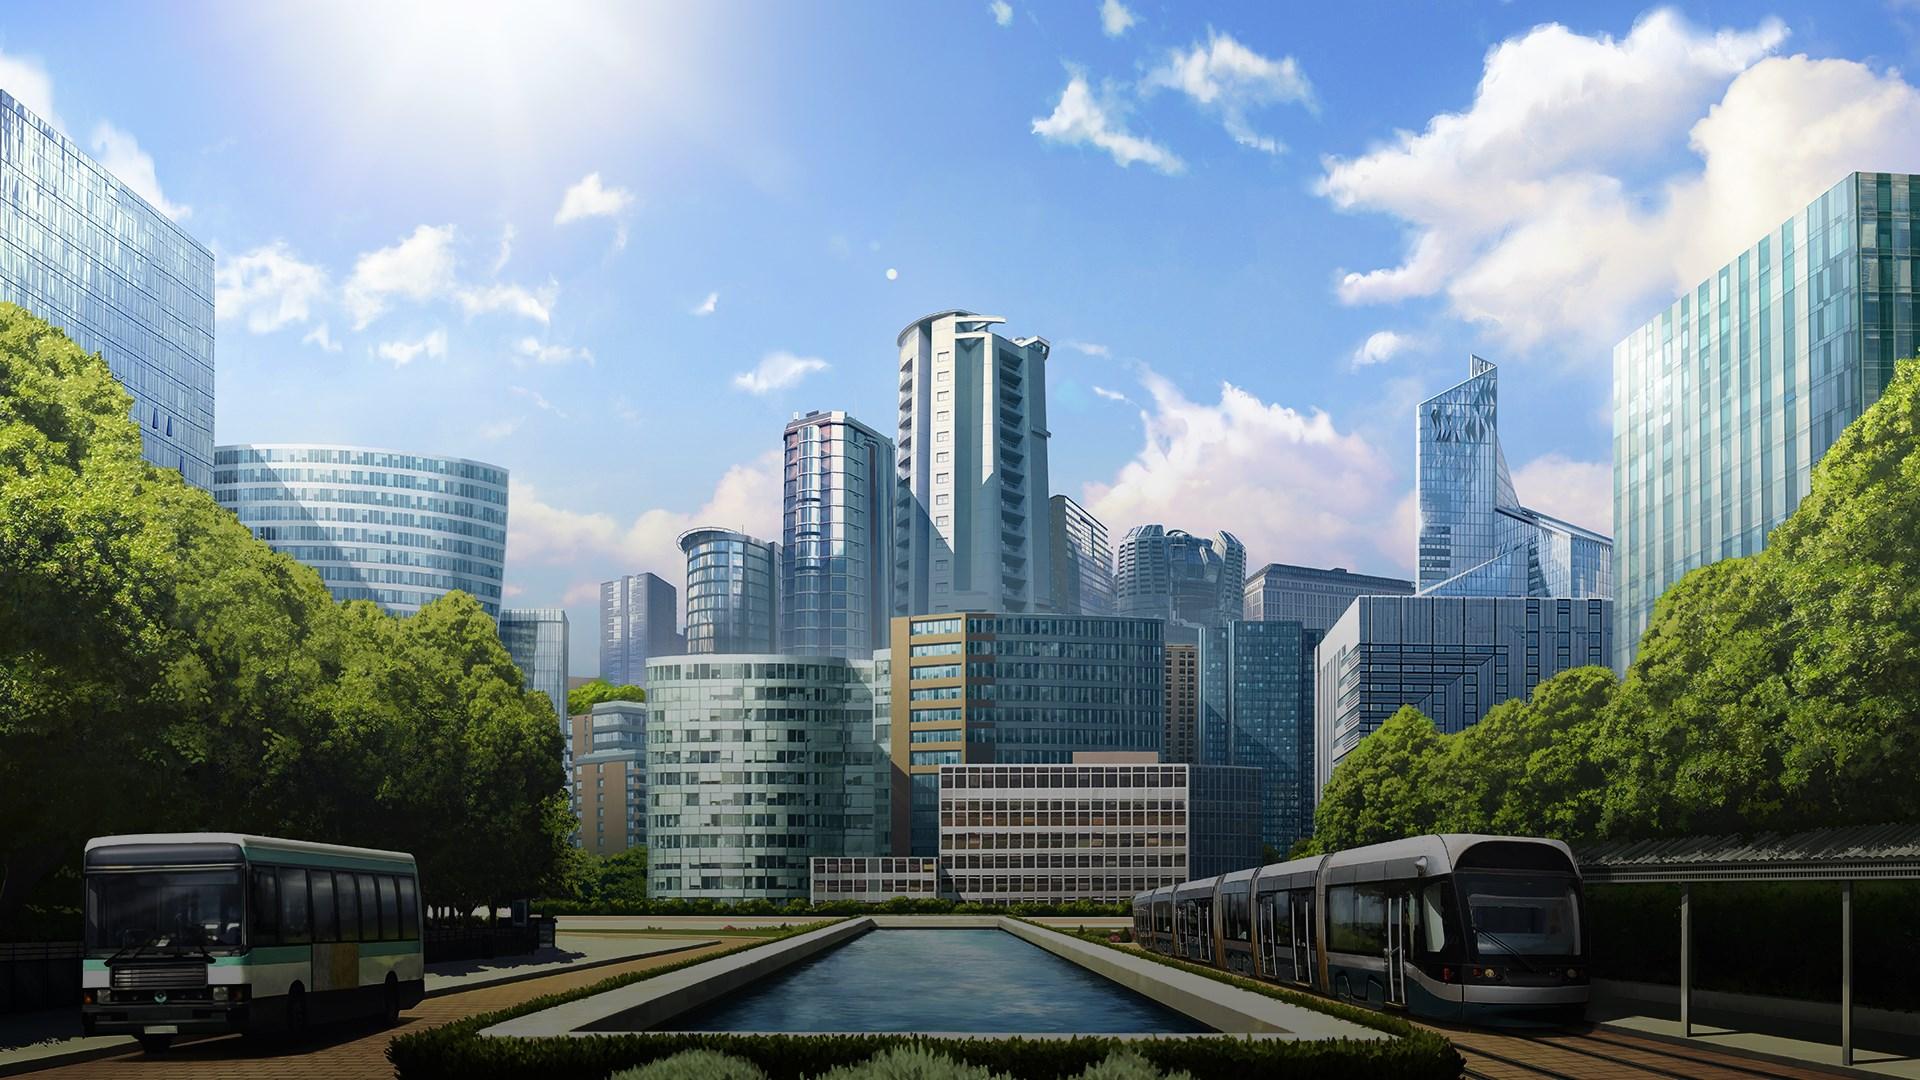 افزایش ایمنی در سطح شهر